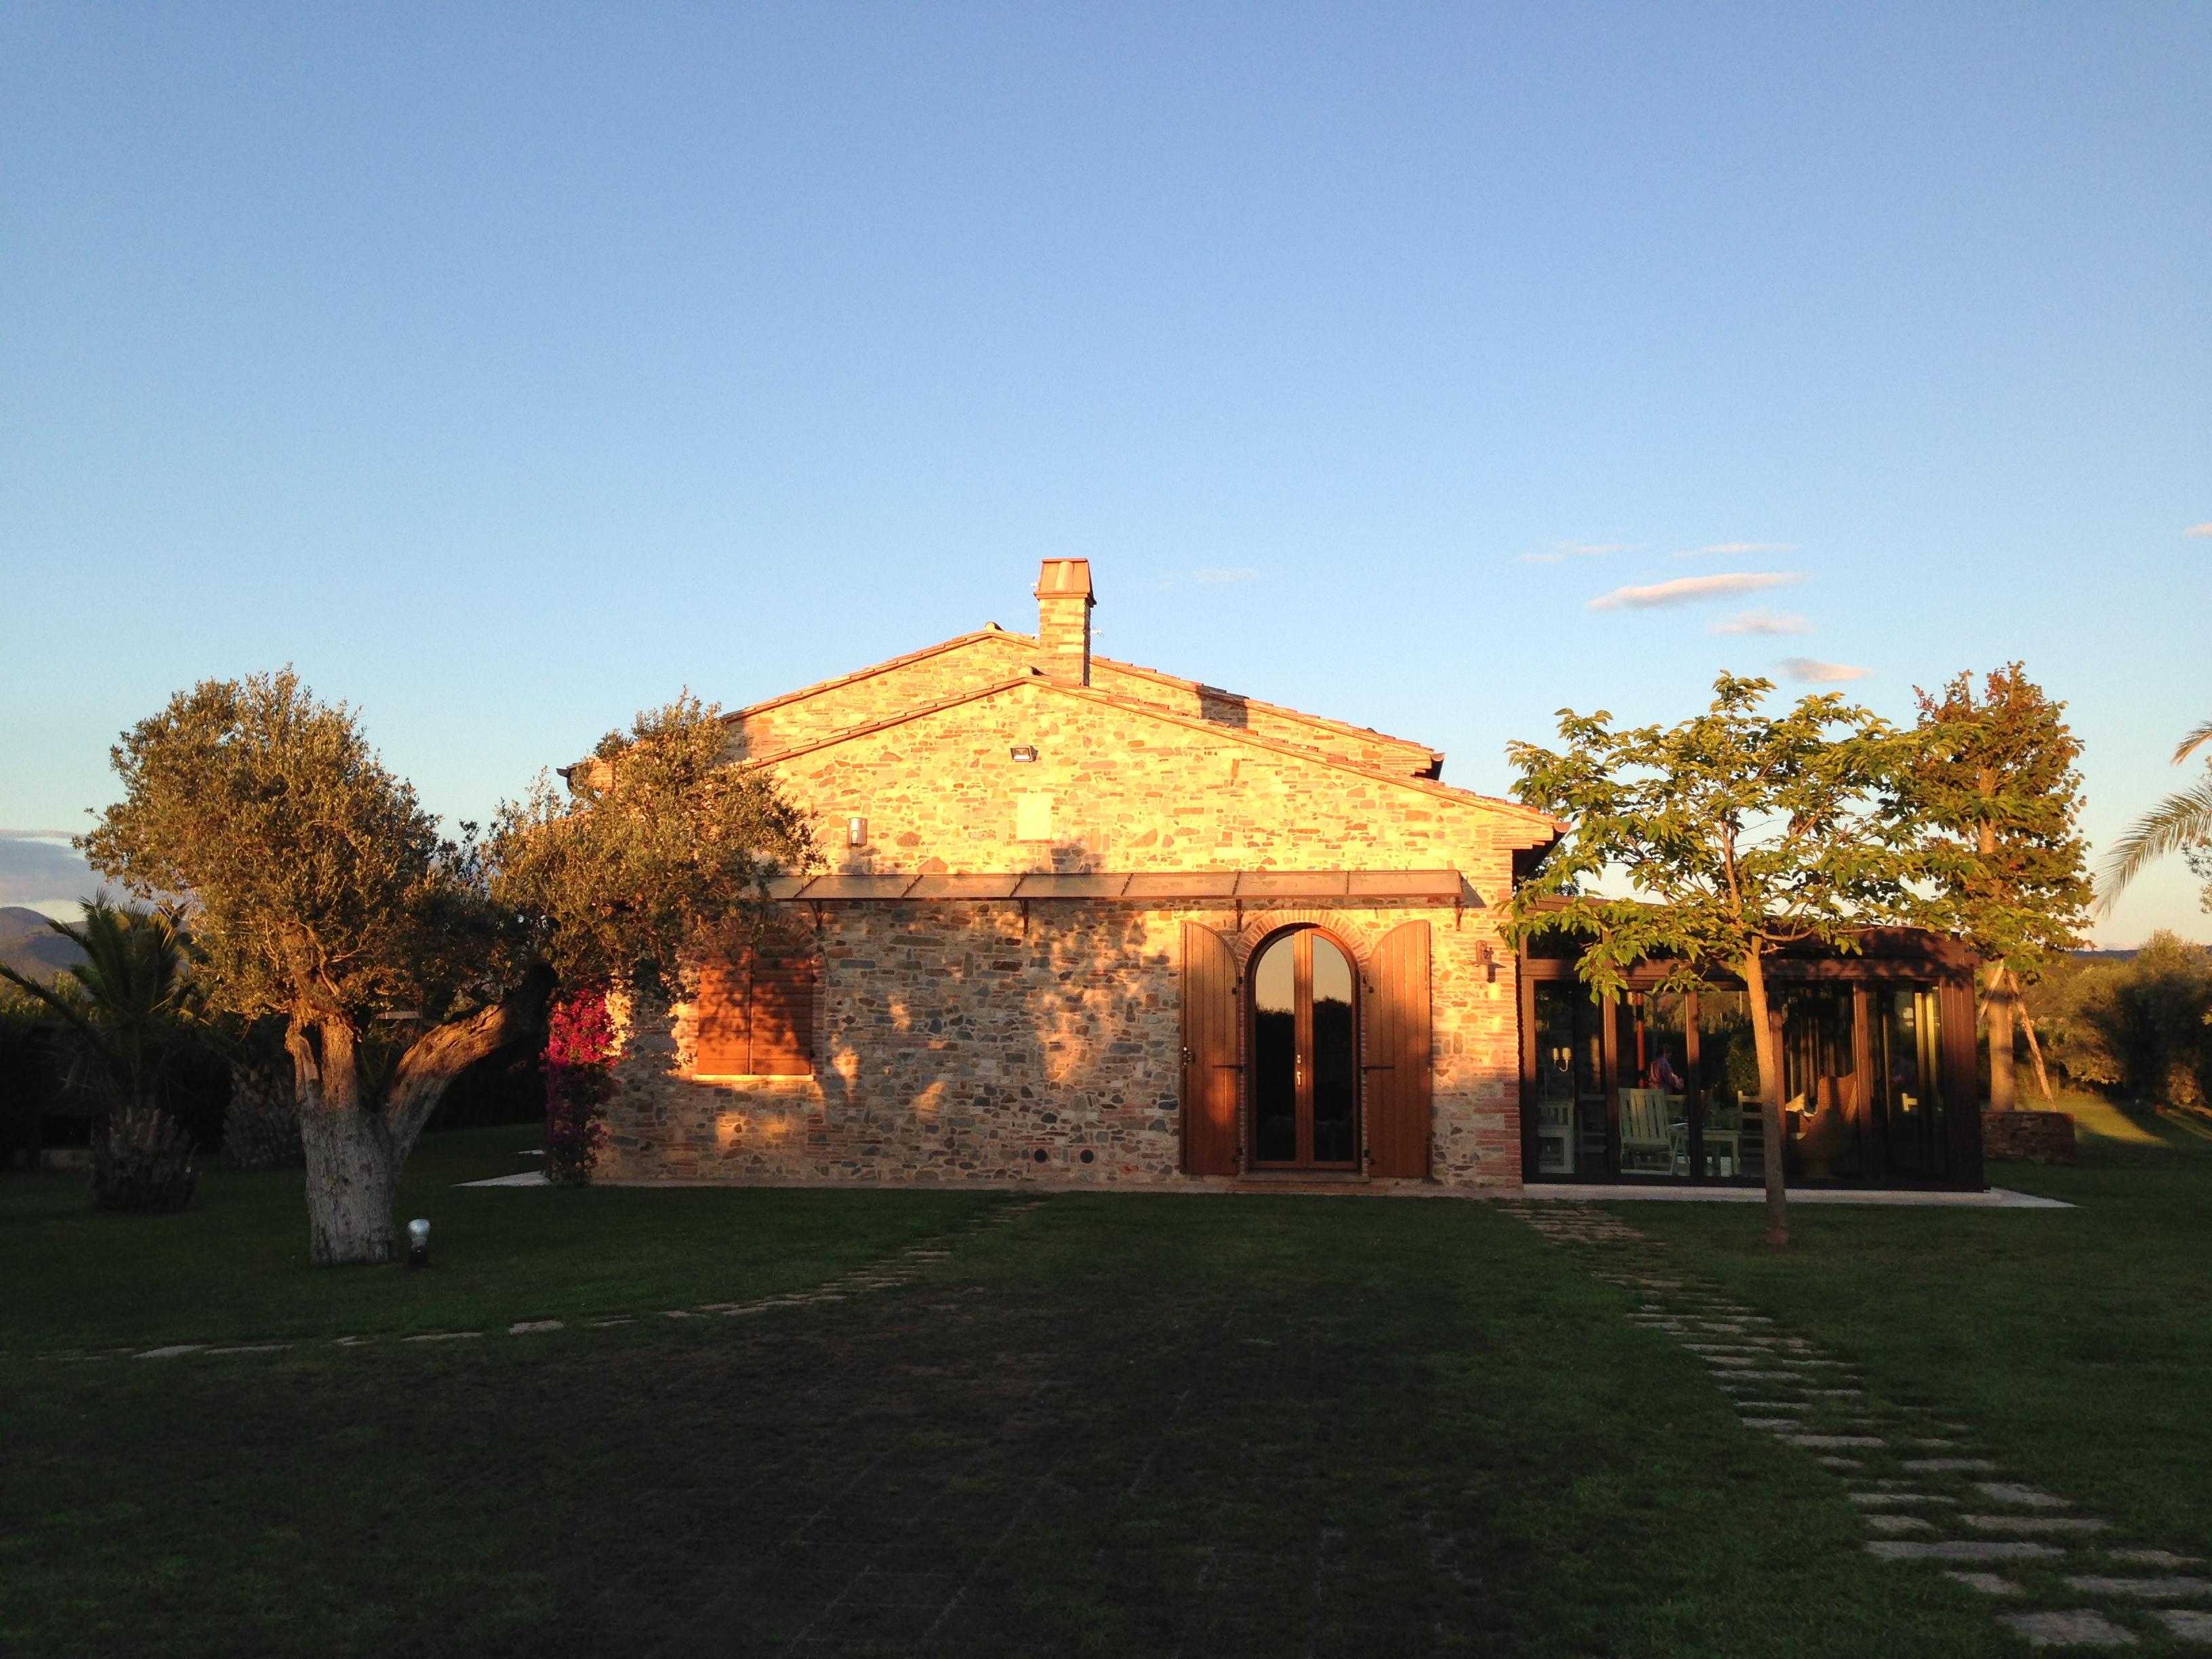 Demolizione e ricostruzione - Castagneto Carducci (LI)